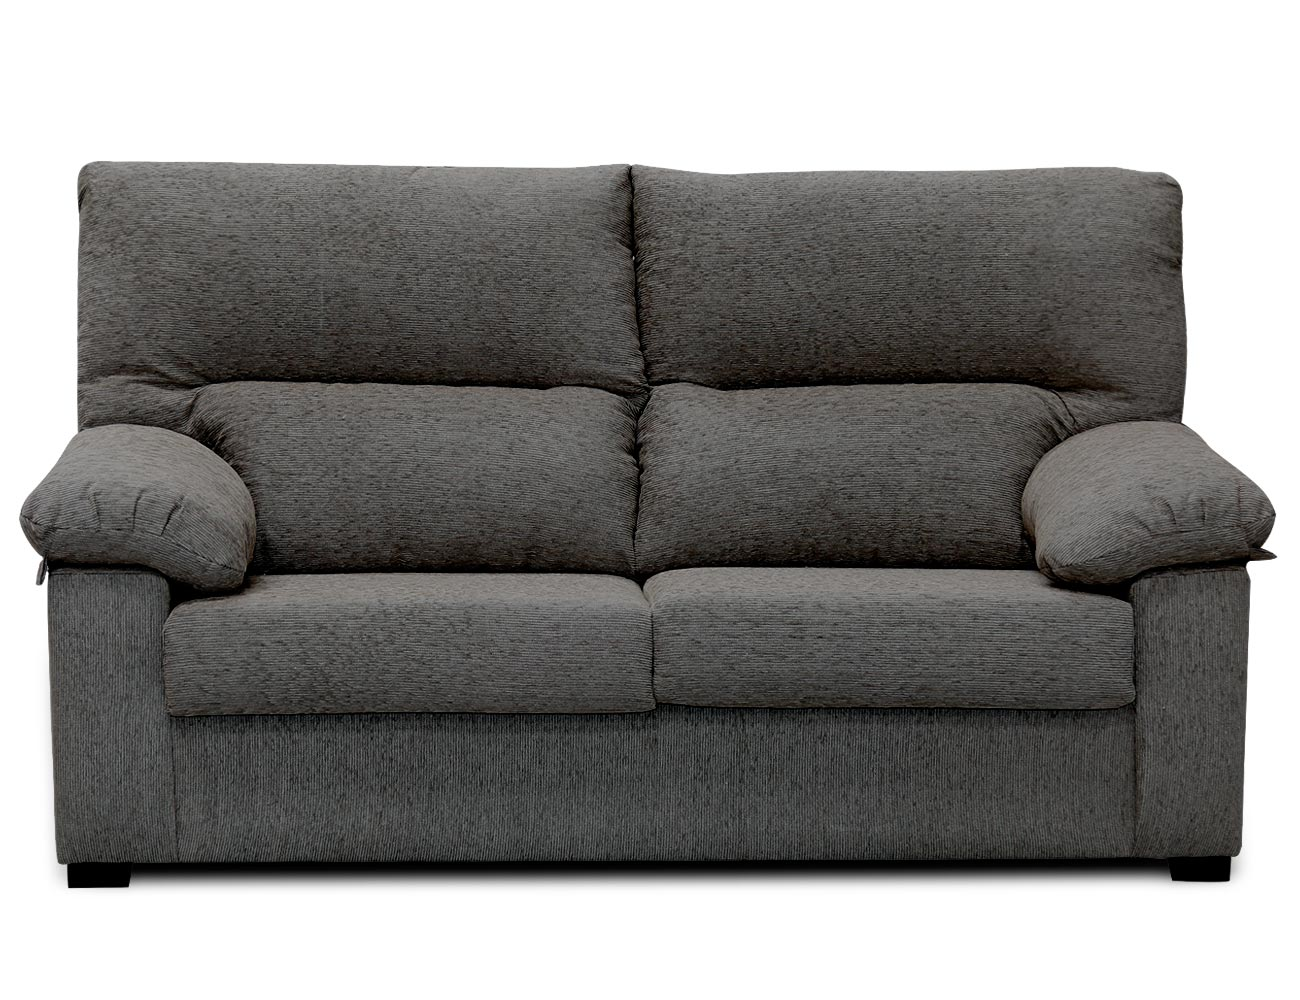 Sof de 3 plazas de calidad y buen precio 6500 factory for Medidas sofa 2 plazas